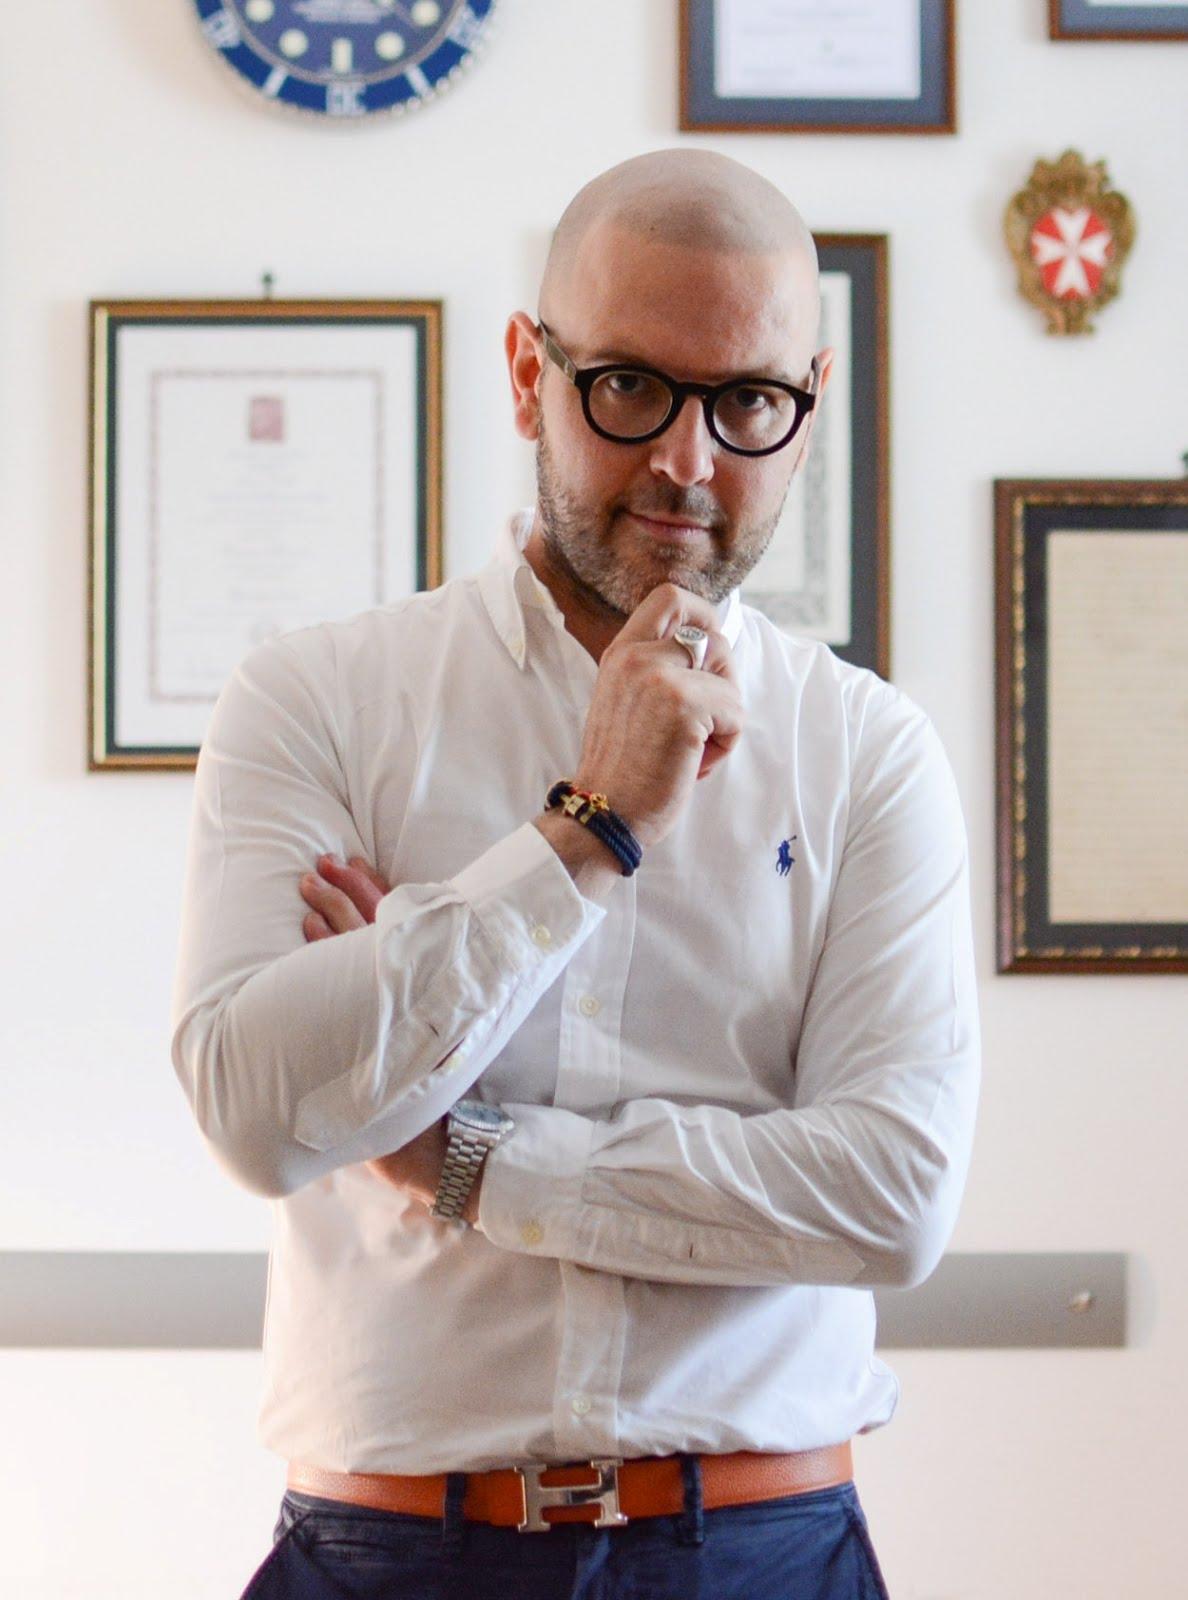 Carmine Buonomo